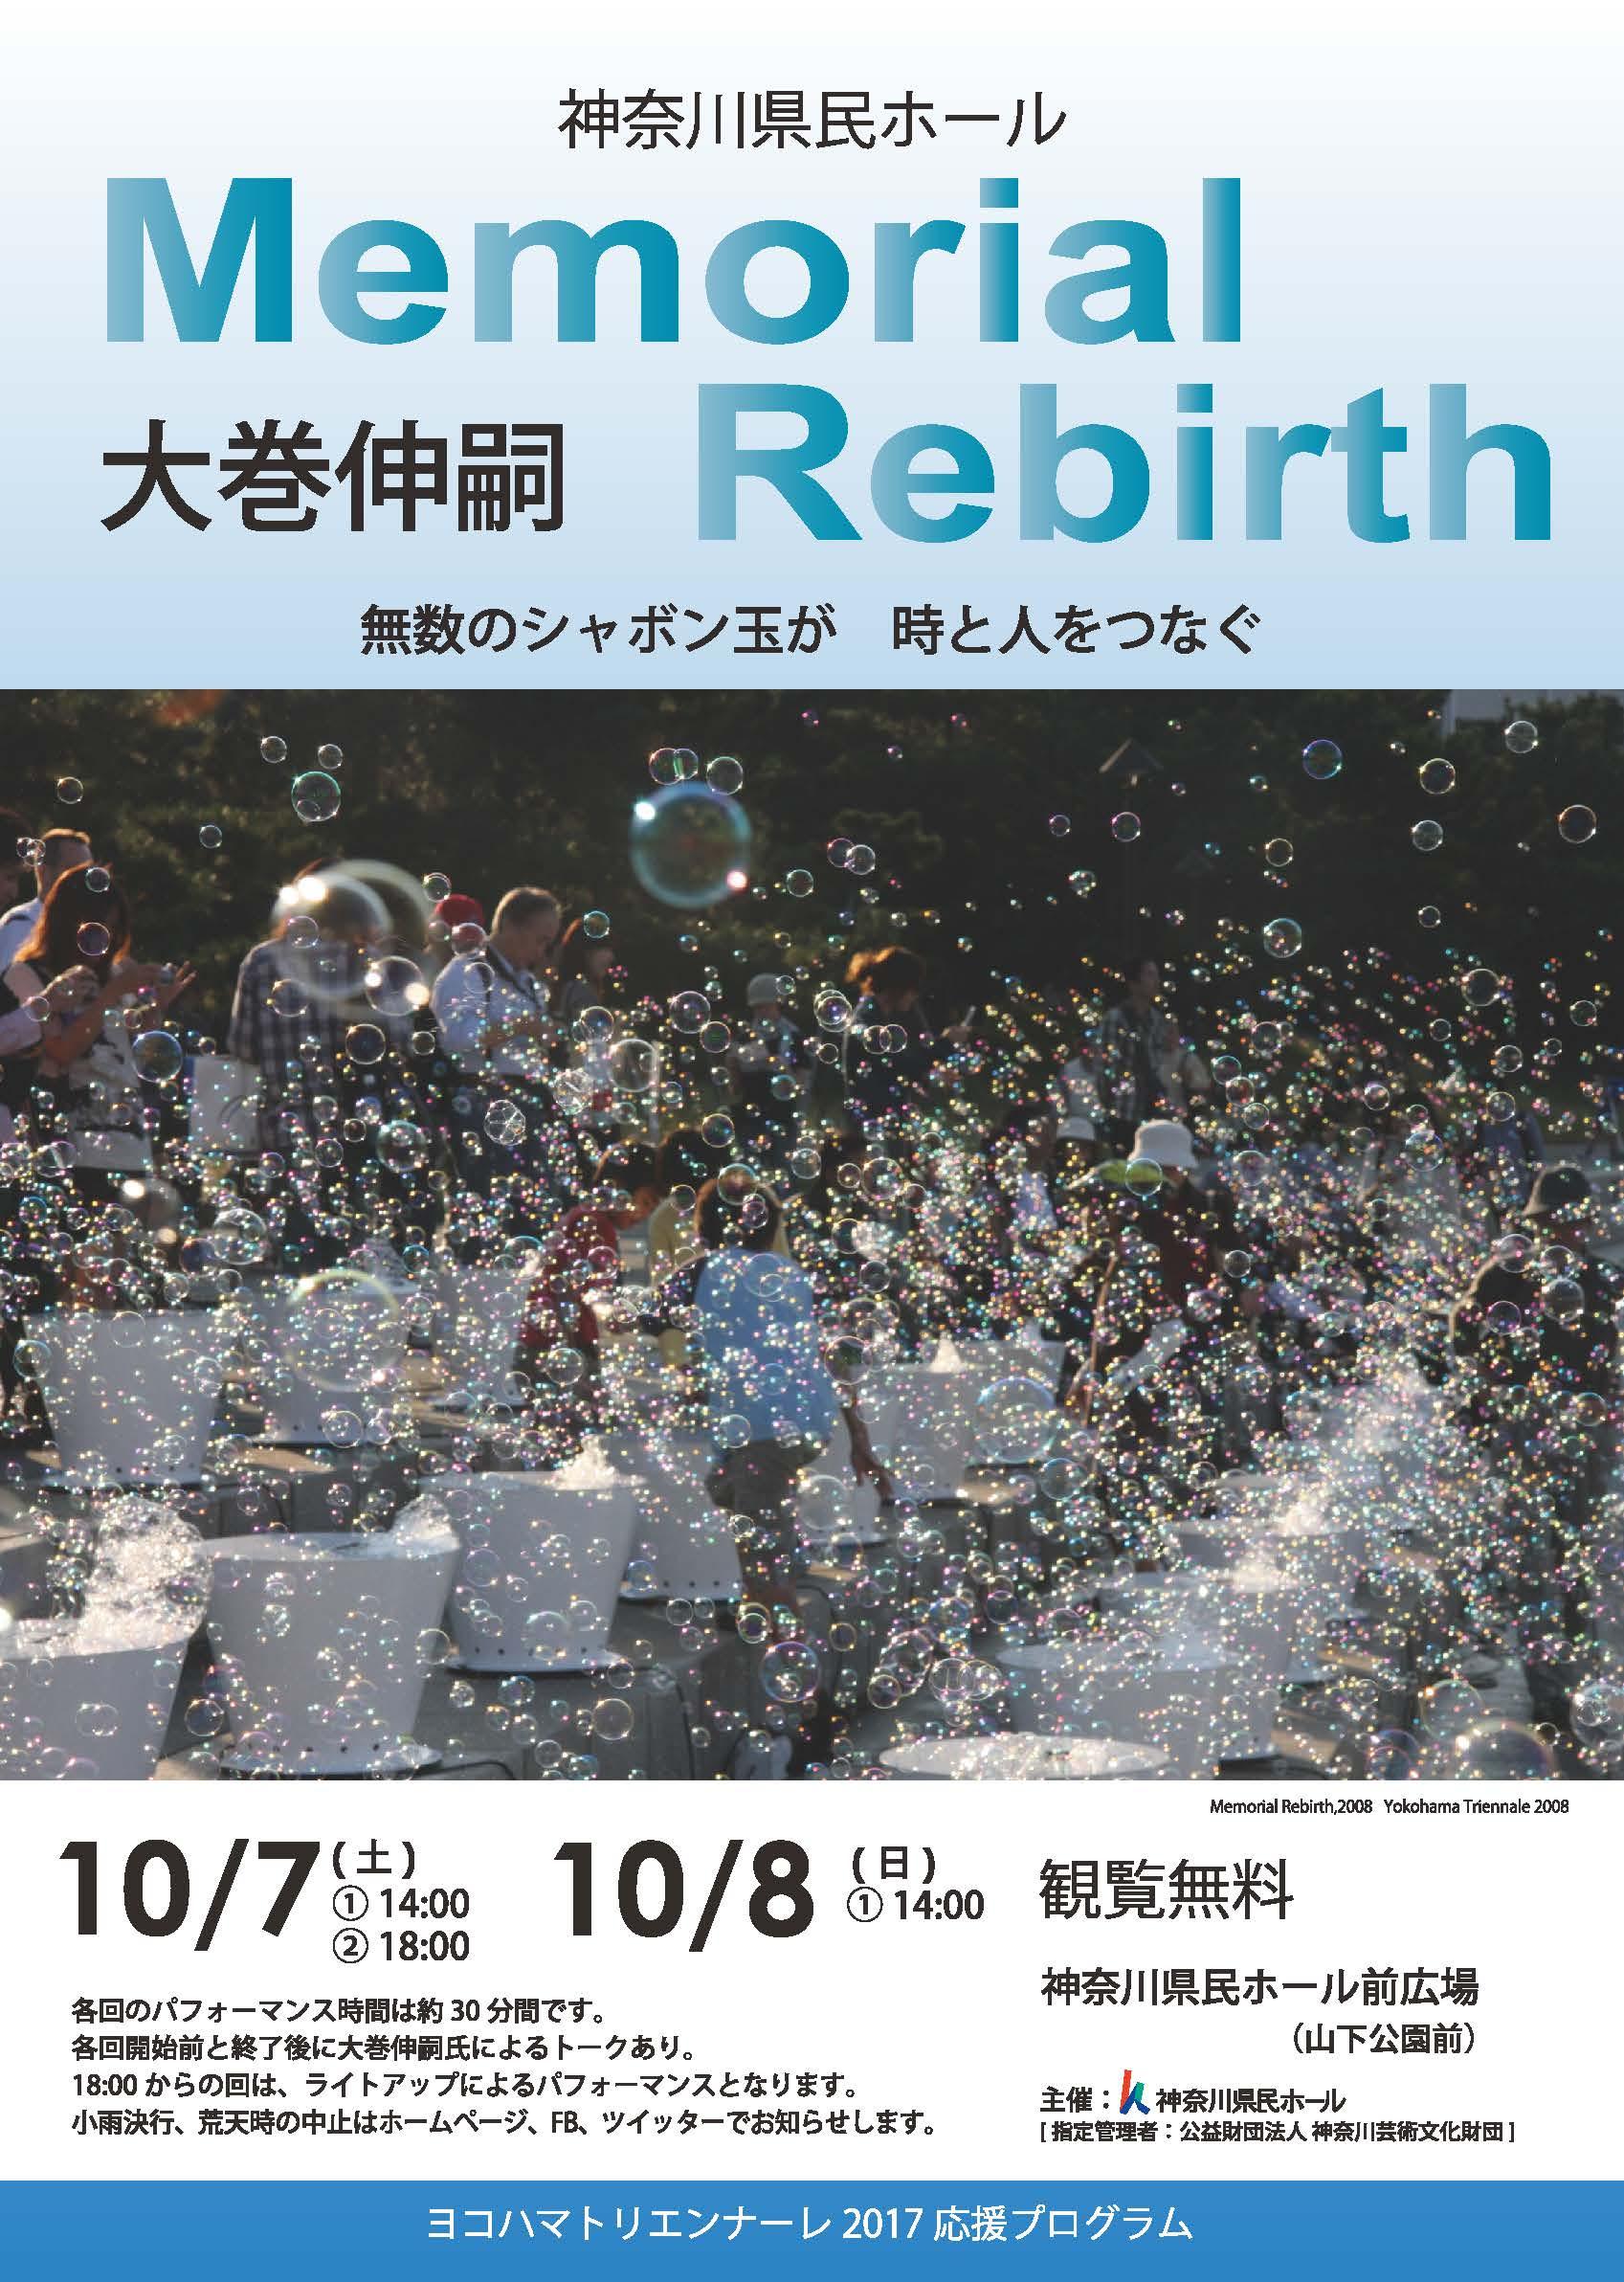 大巻伸嗣 Memorial Rebirth